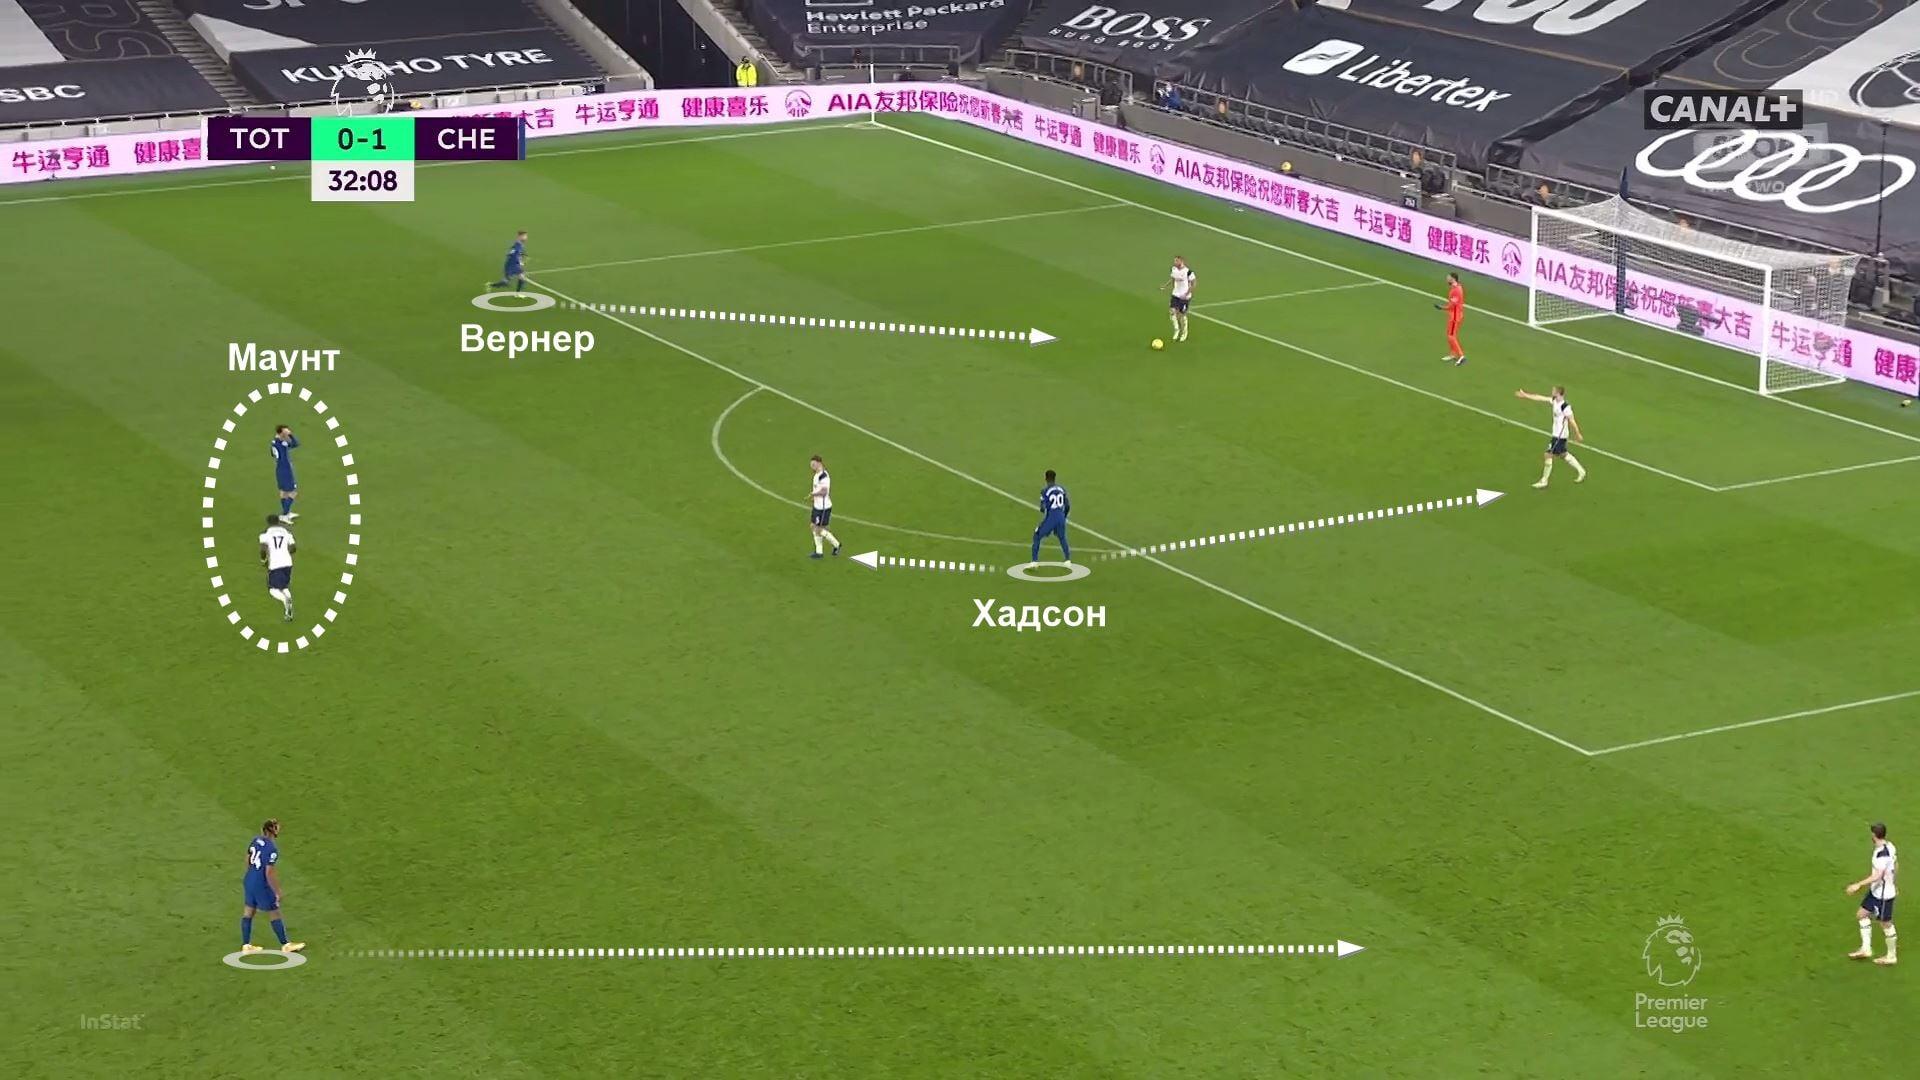 Гибкая схема с тройкой, перегрузы правого фланга и свободная роль Вернера – обновленный «Челси» впечатлил против «Тоттенхэма»